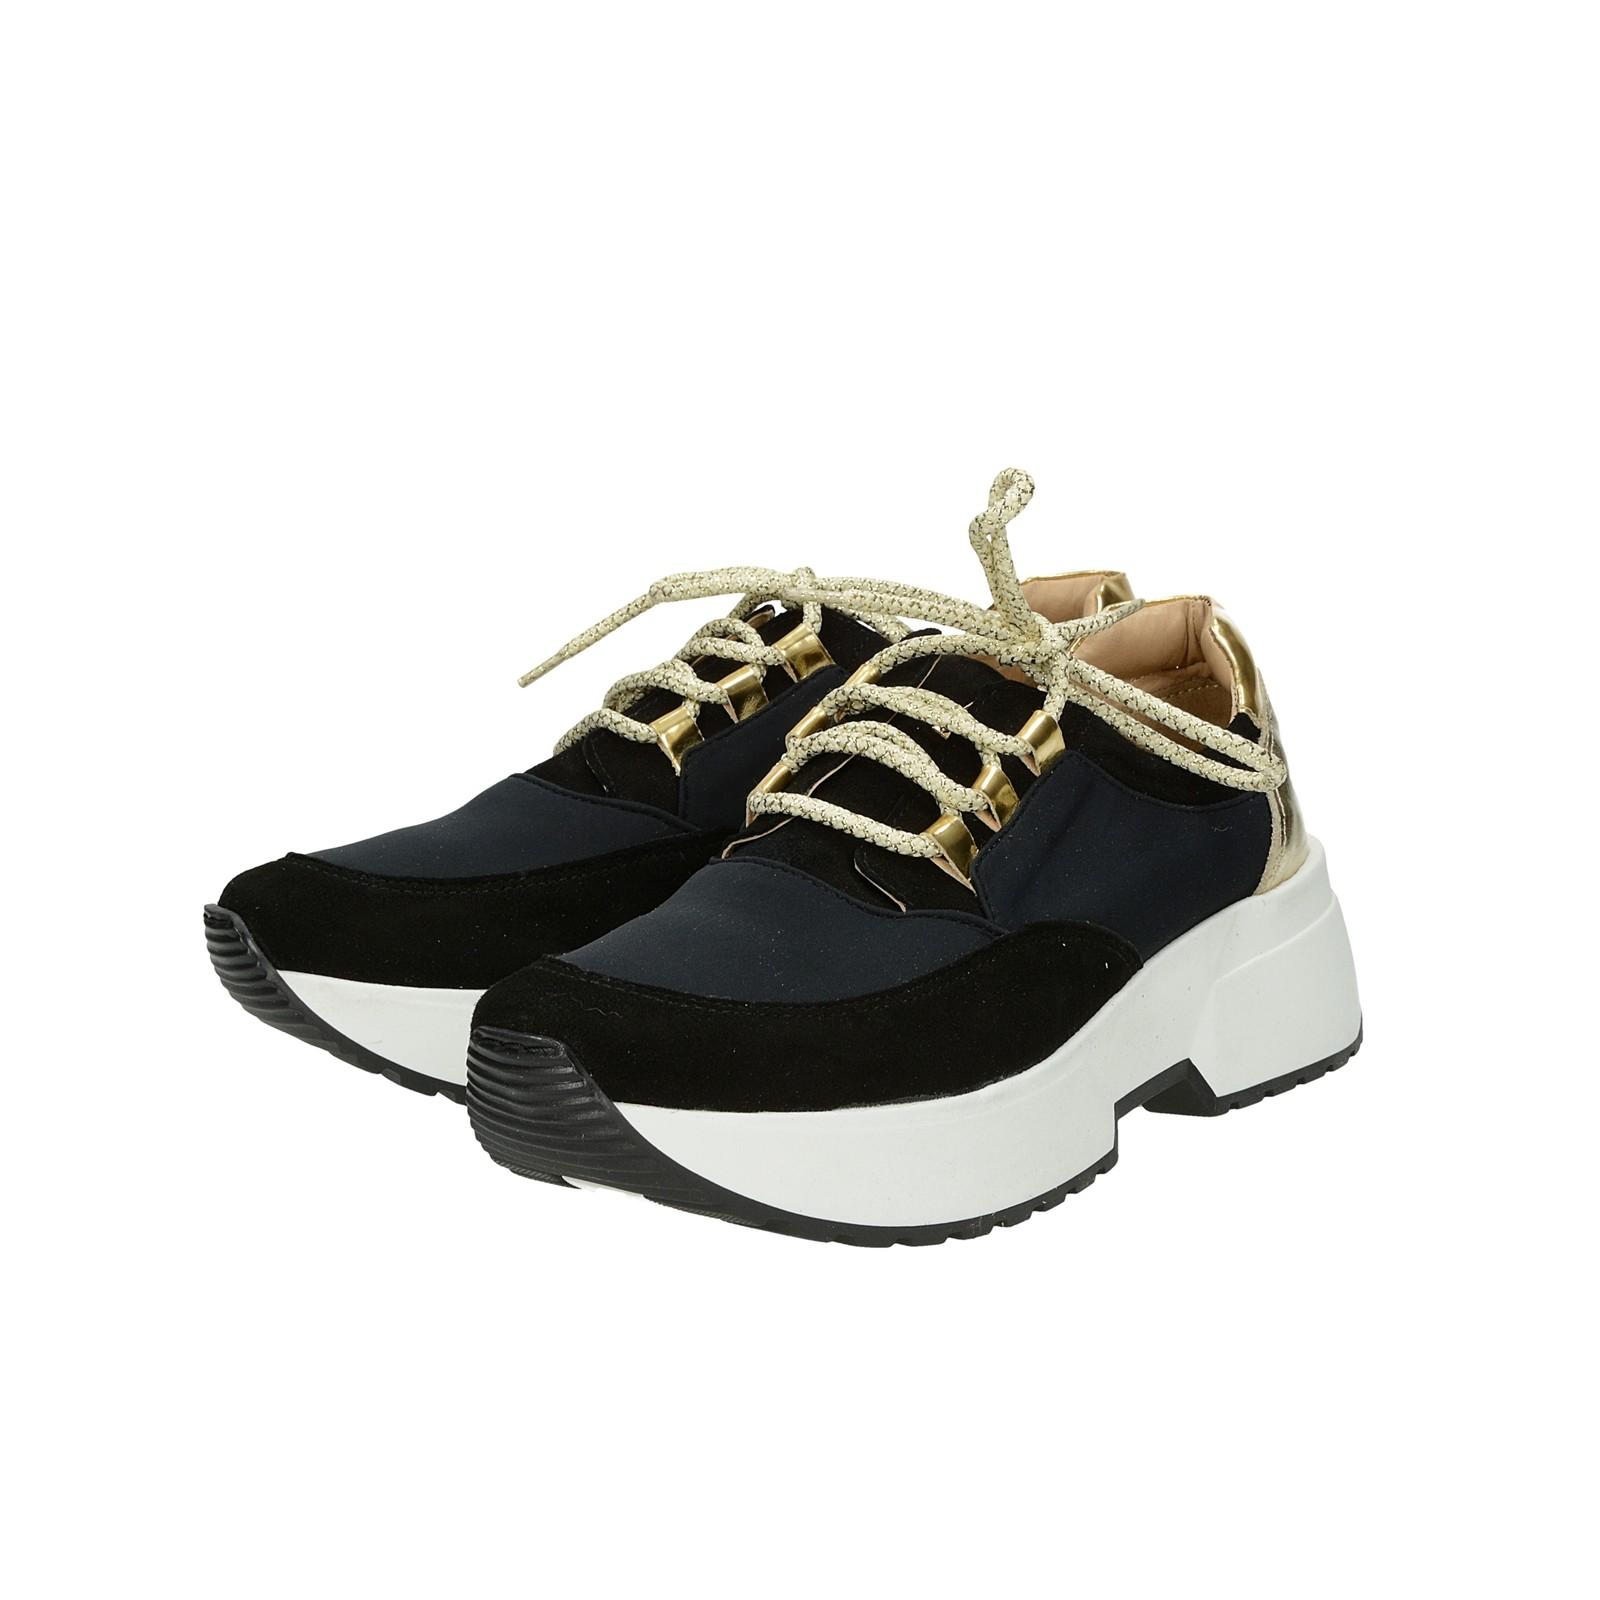 4526b49d21 Olivia shoes dámske kožené tenisky na podpatku - čierne ...